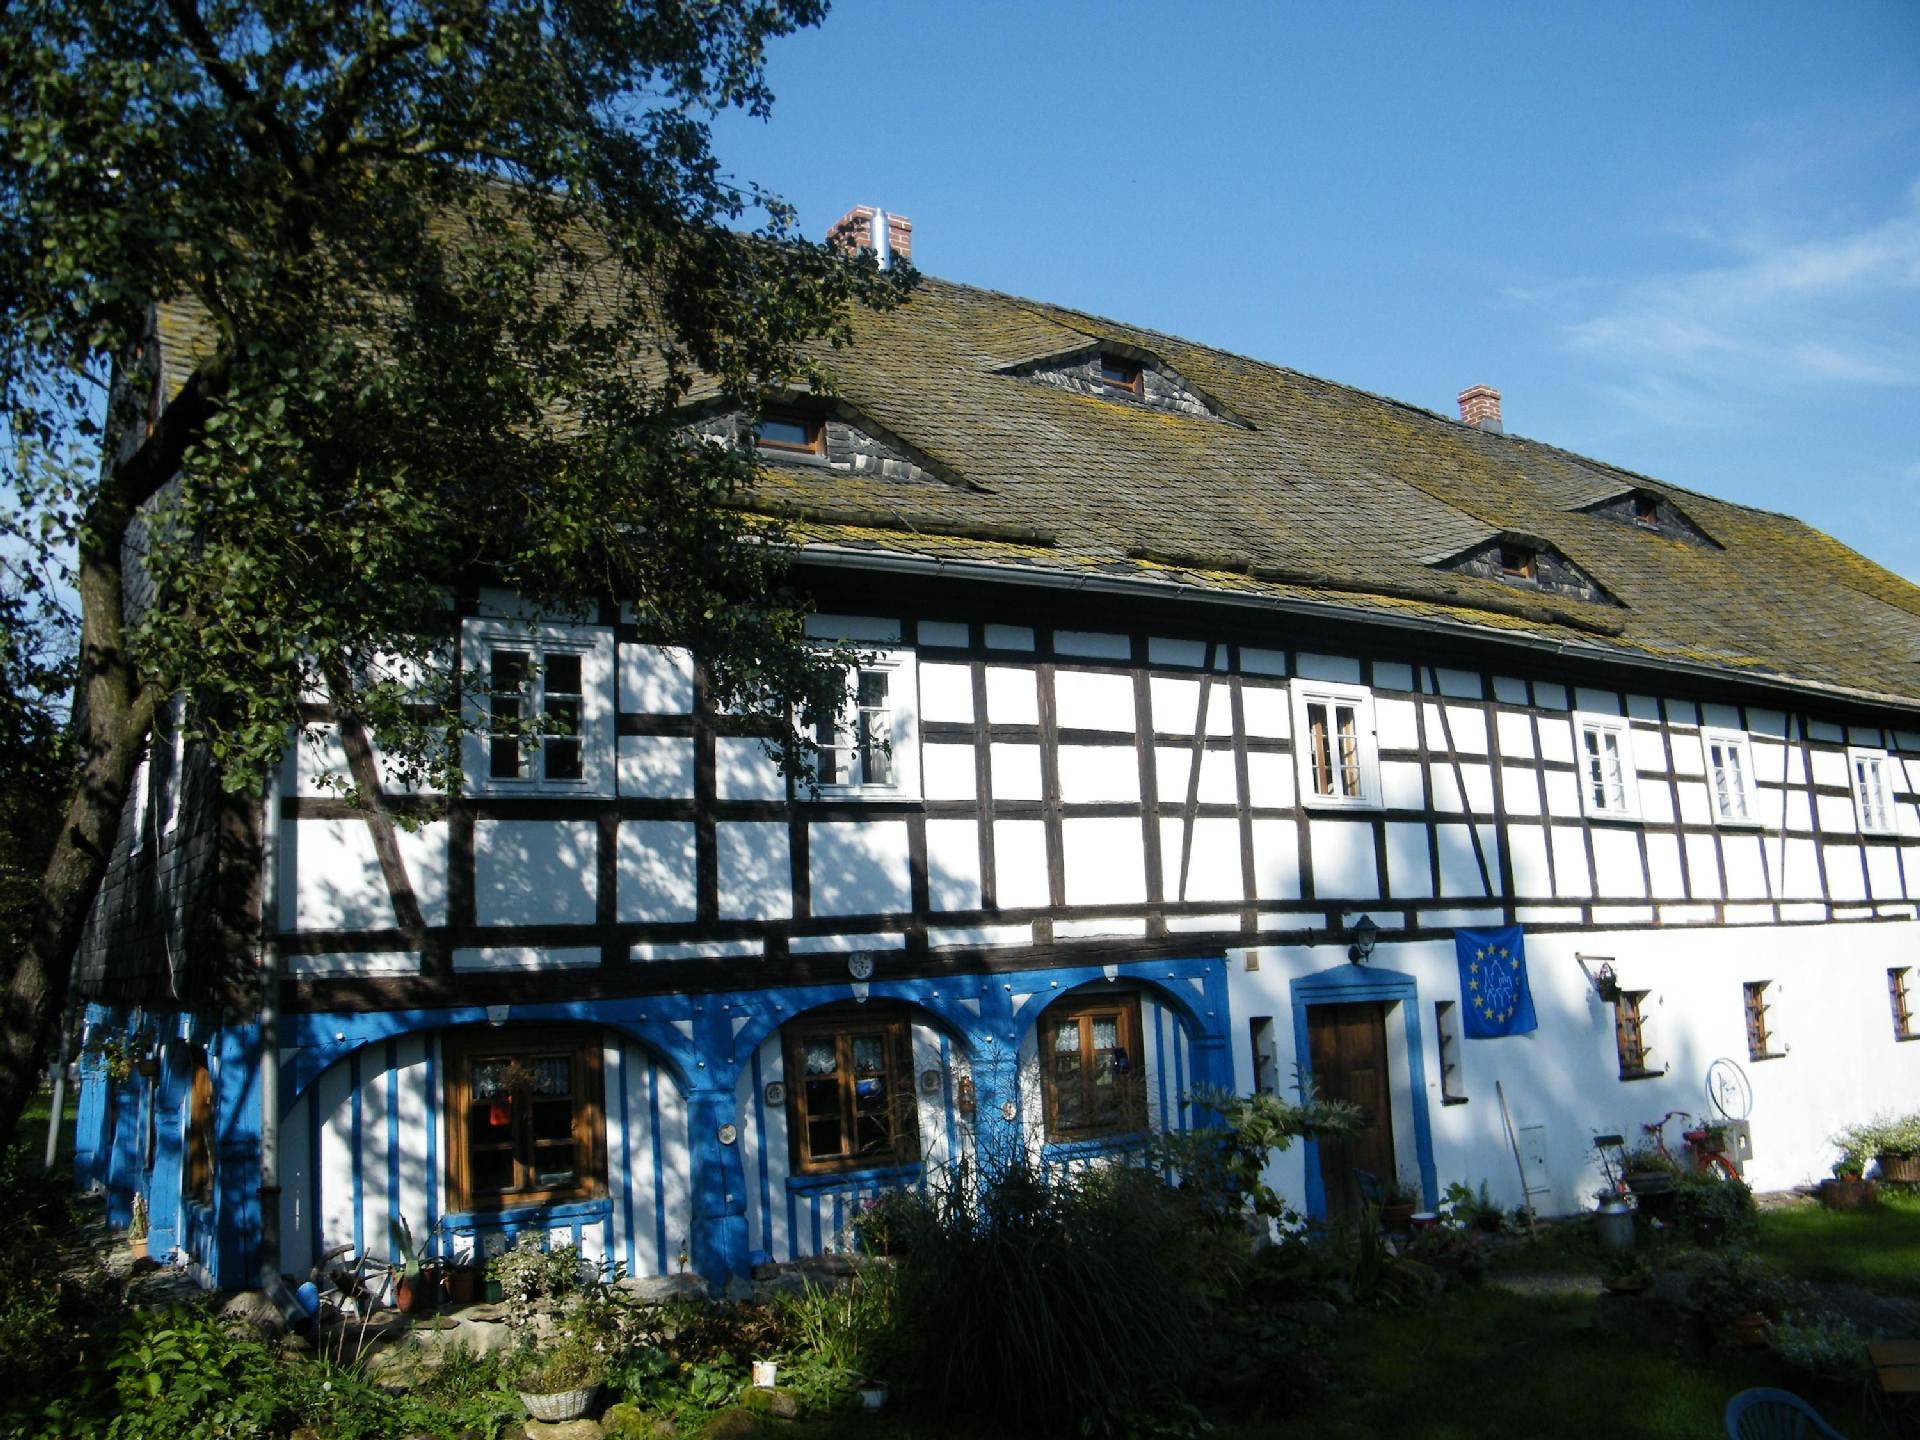 Ferienhaus für 25 Personen ca. 350 m² in Bauernhof in Polen